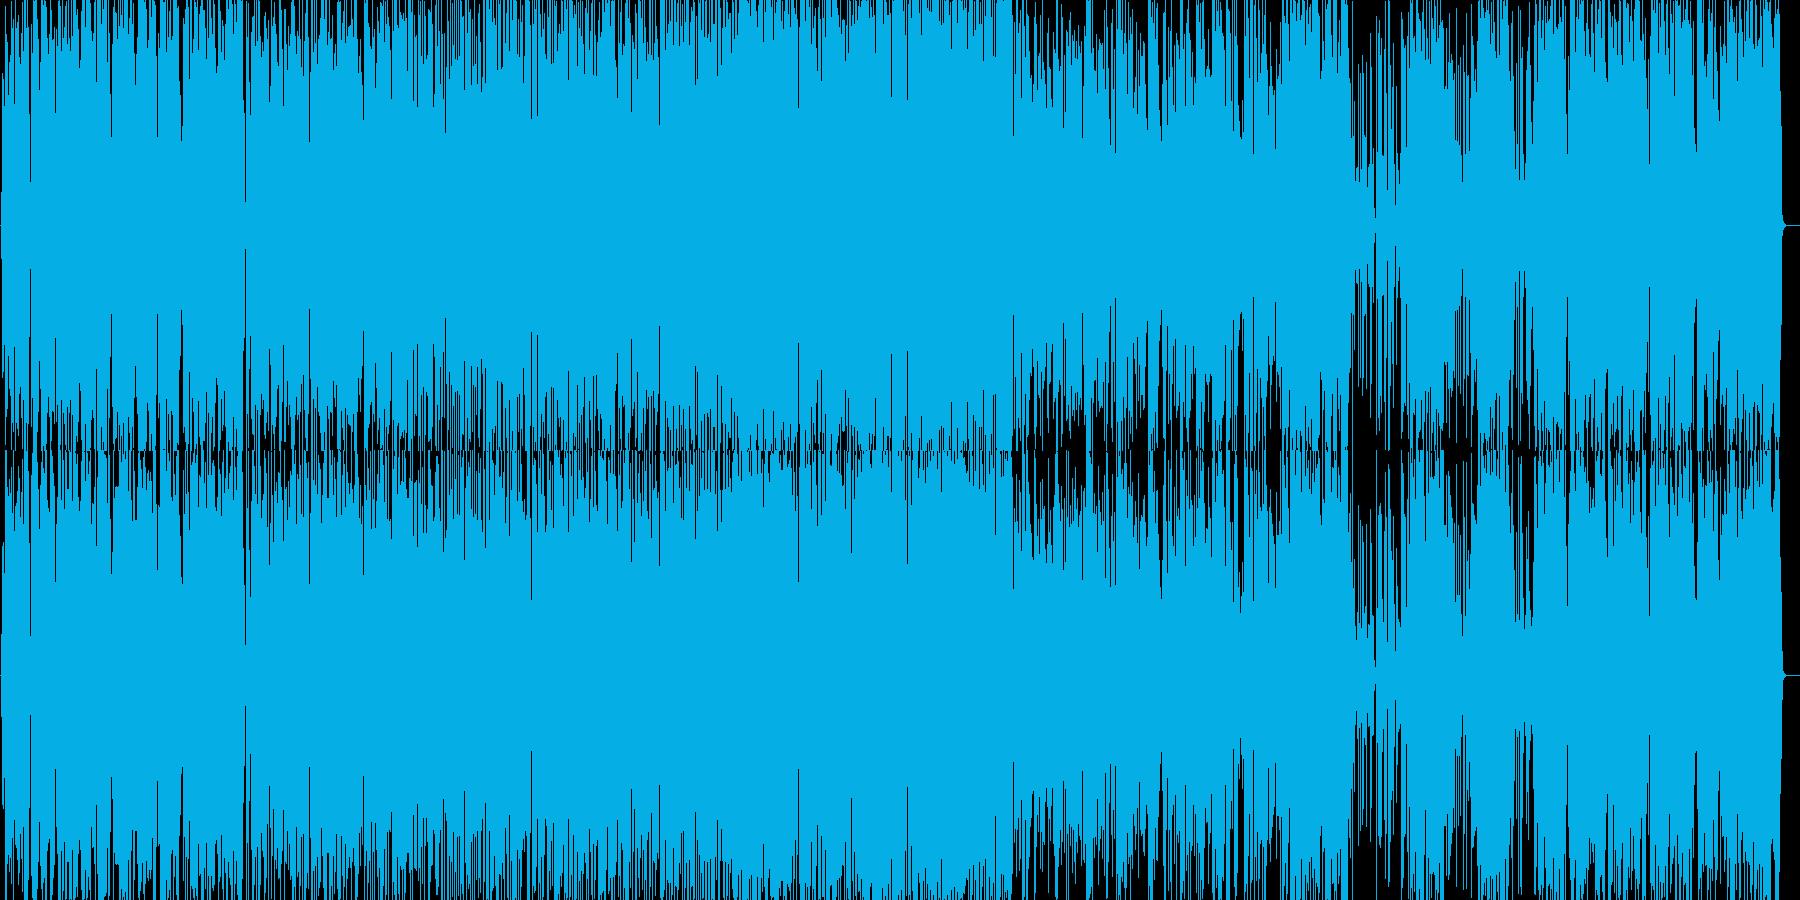 疾走感のあるジャズ ピアノトリオ2の再生済みの波形